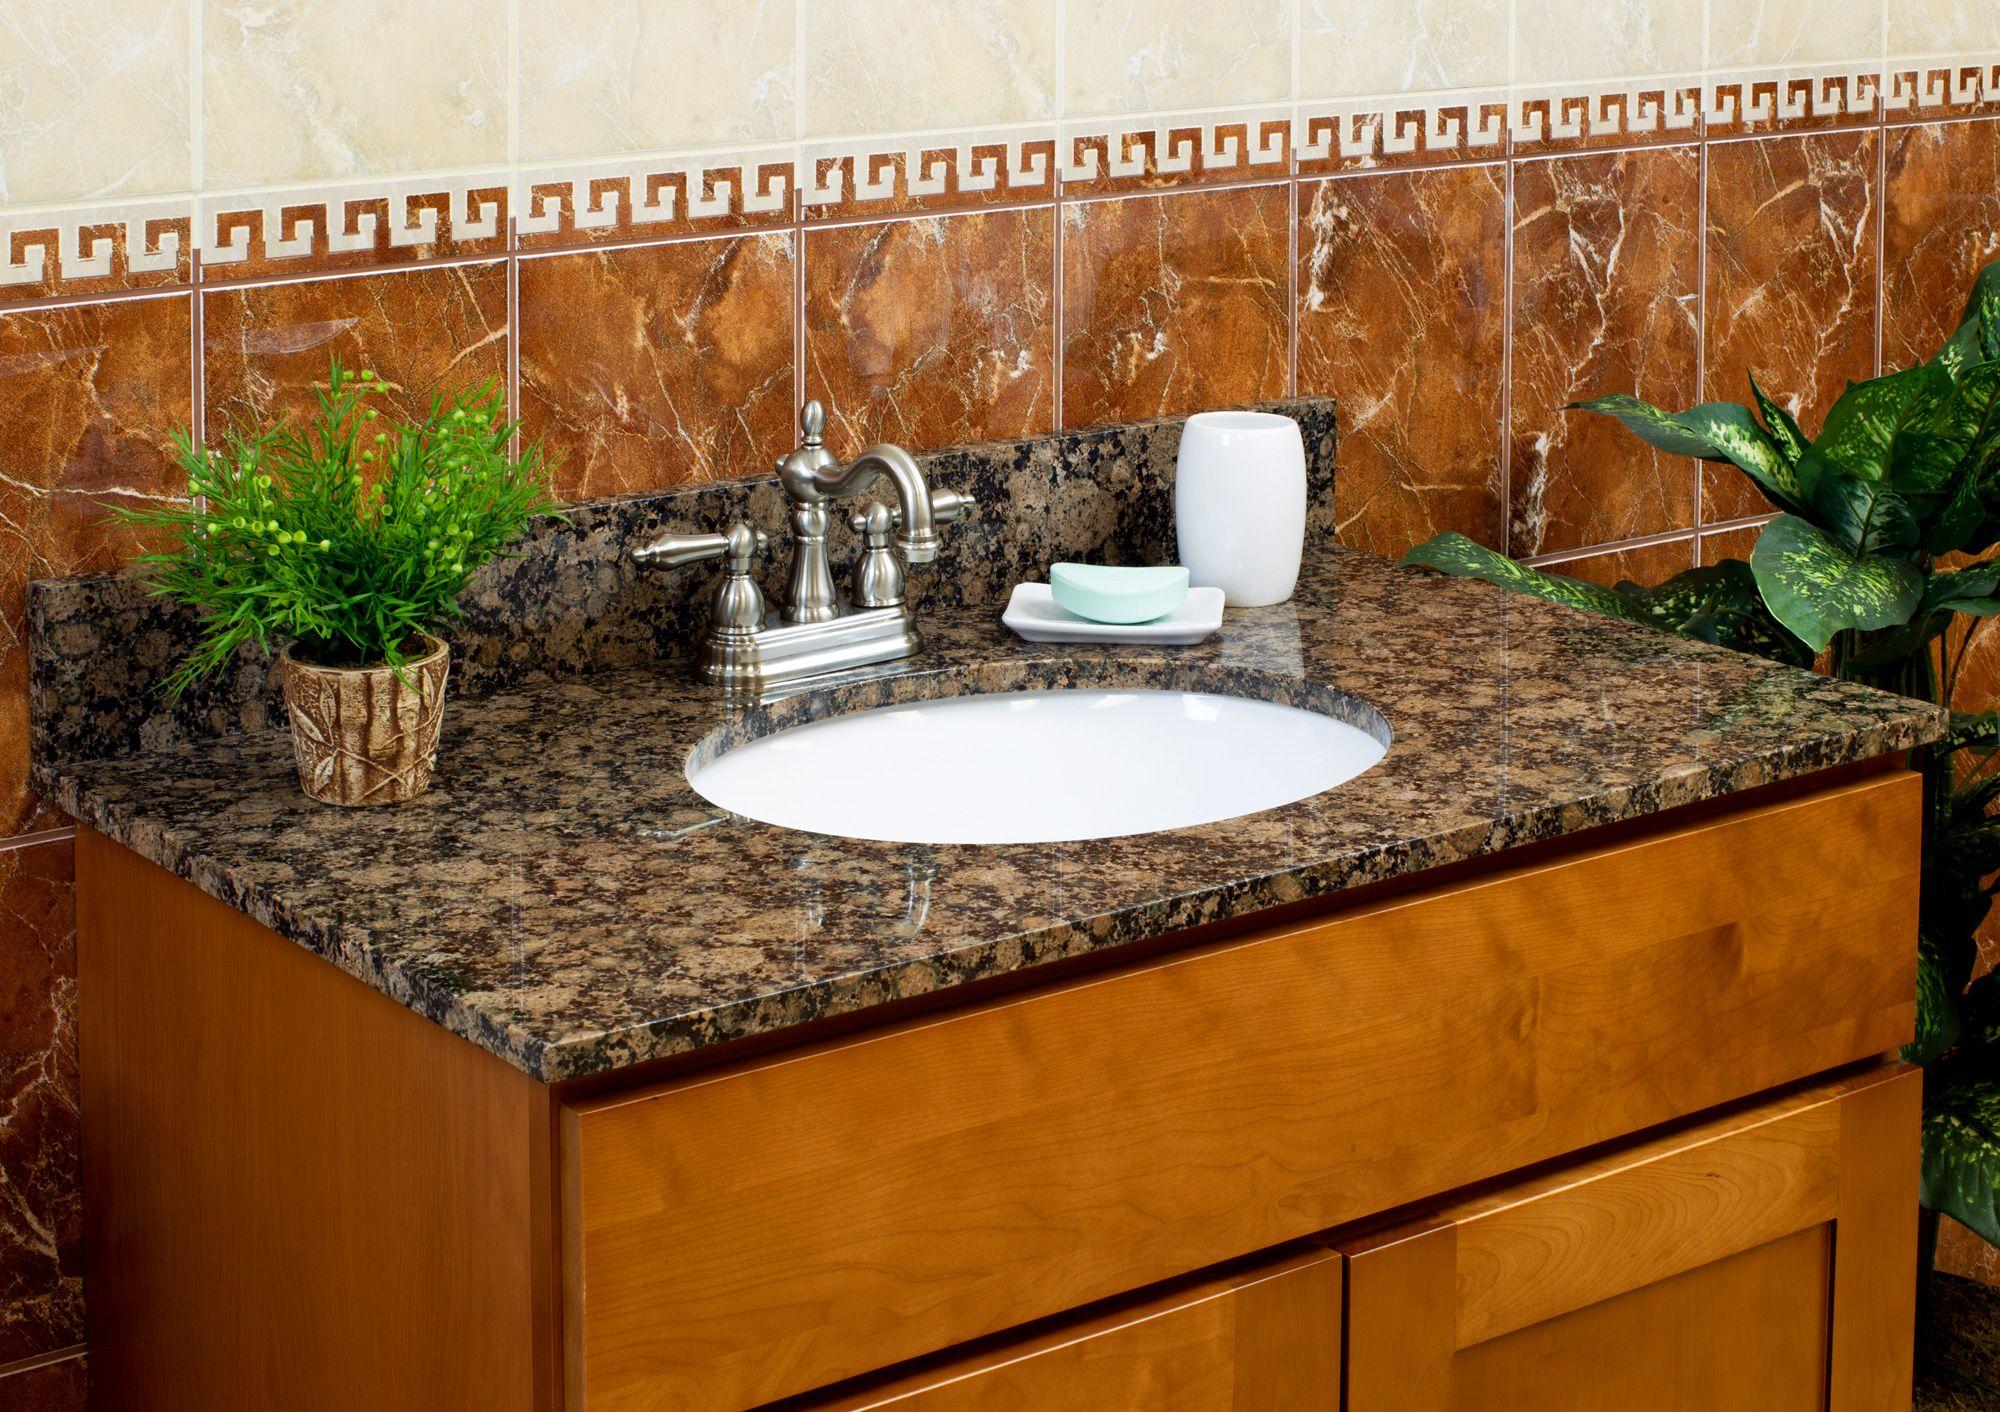 Granite Bathroom Vanity Tops Bathroom Vanity Tops Granite Tops Balticbrown Vanit Granite Bathroom Vanity Tops Baltic Brown Granite Granite Bathroom